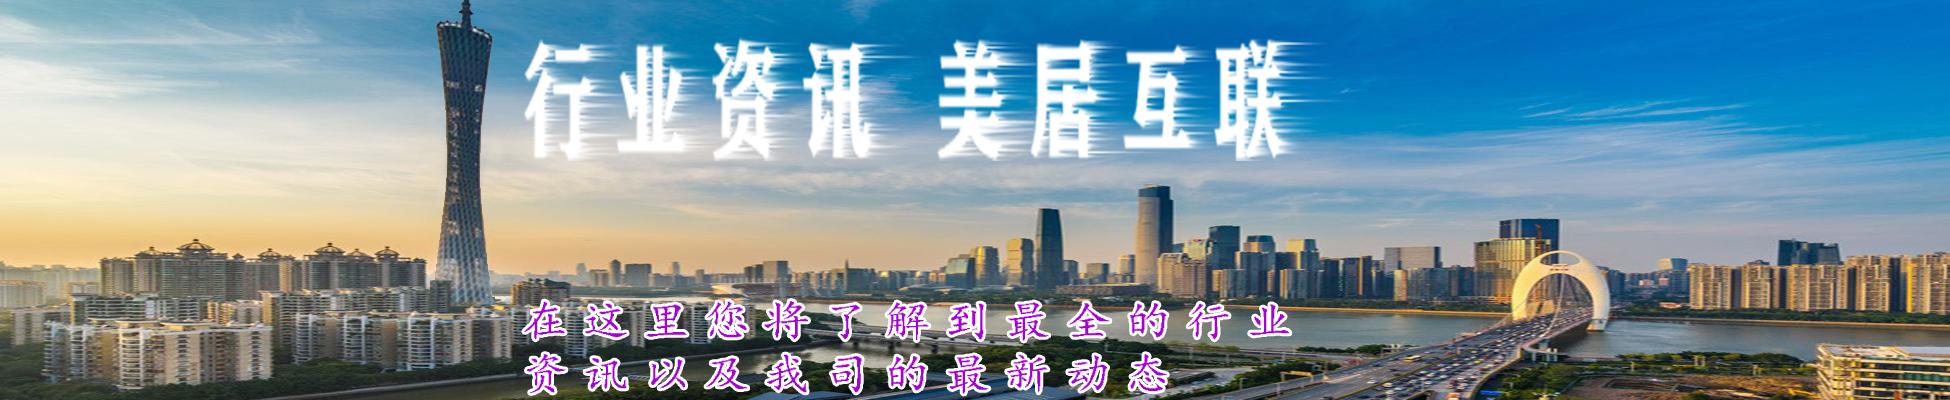 美居裝修資訊-廣州裝修資訊